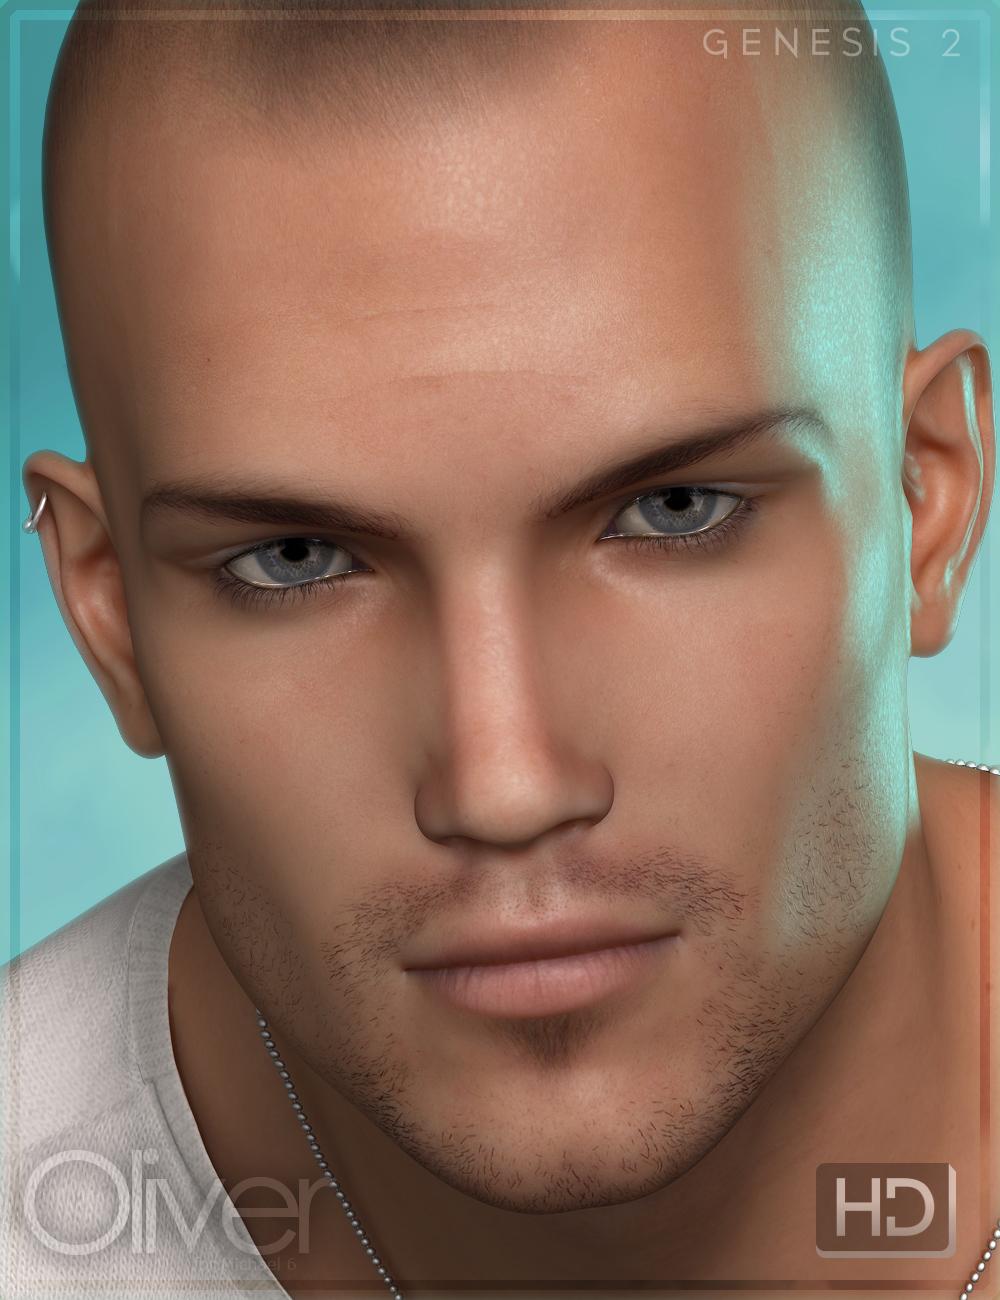 FW Oliver HD Megapack by: Fred Winkler ArtFisty & Darc, 3D Models by Daz 3D